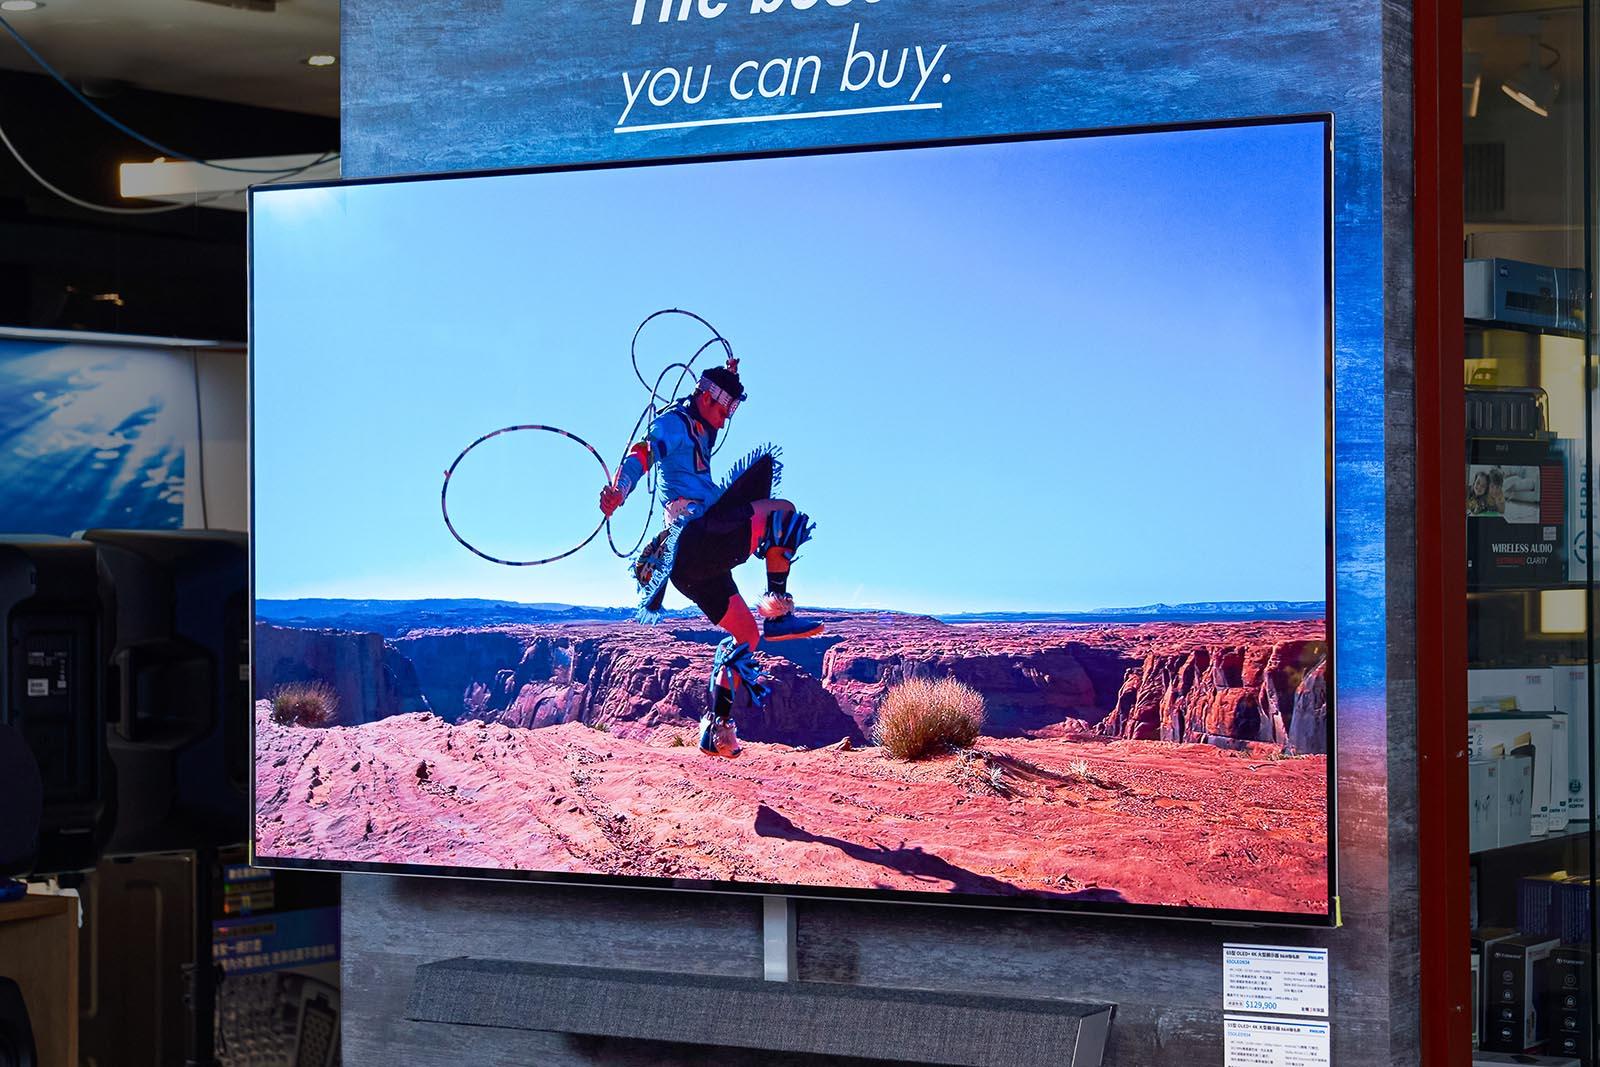 高階顯示器東西軍,畫質大對決:日系高階液晶 V.S. Philips OLED!你該選哪款?